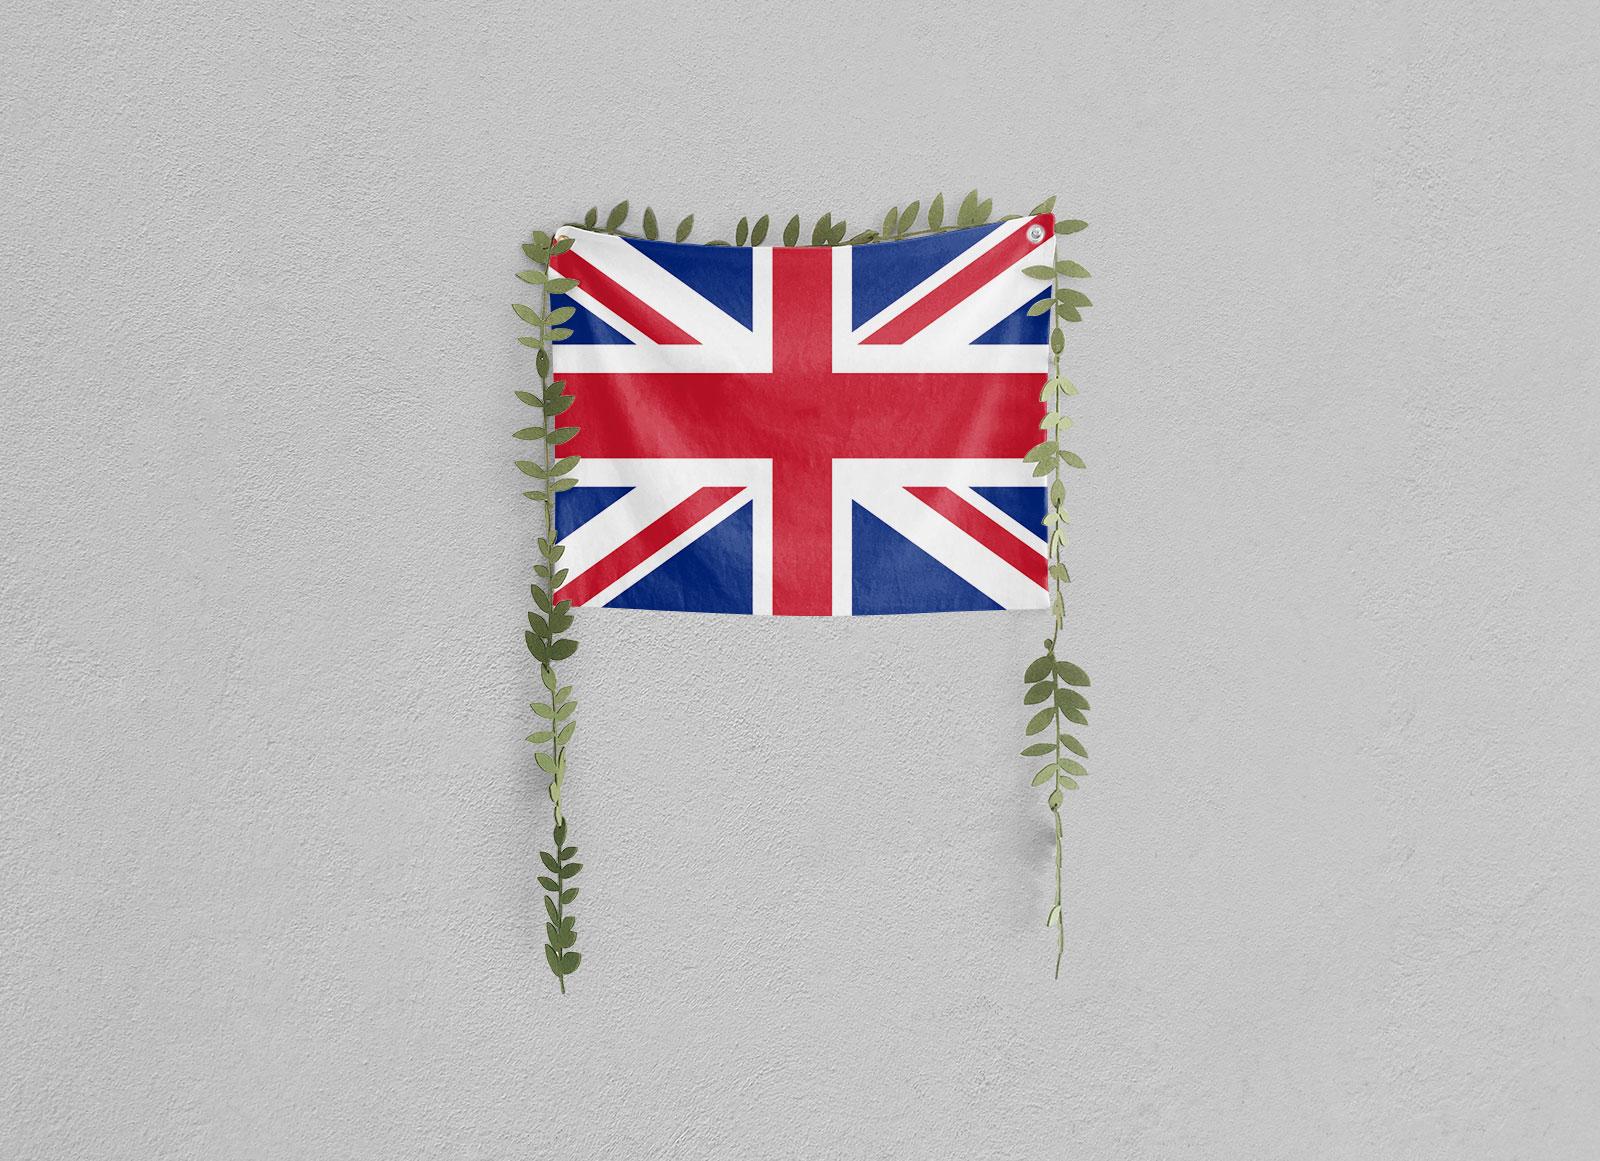 Free-Wall-Hanging-Flag-Mockup-PSD-3